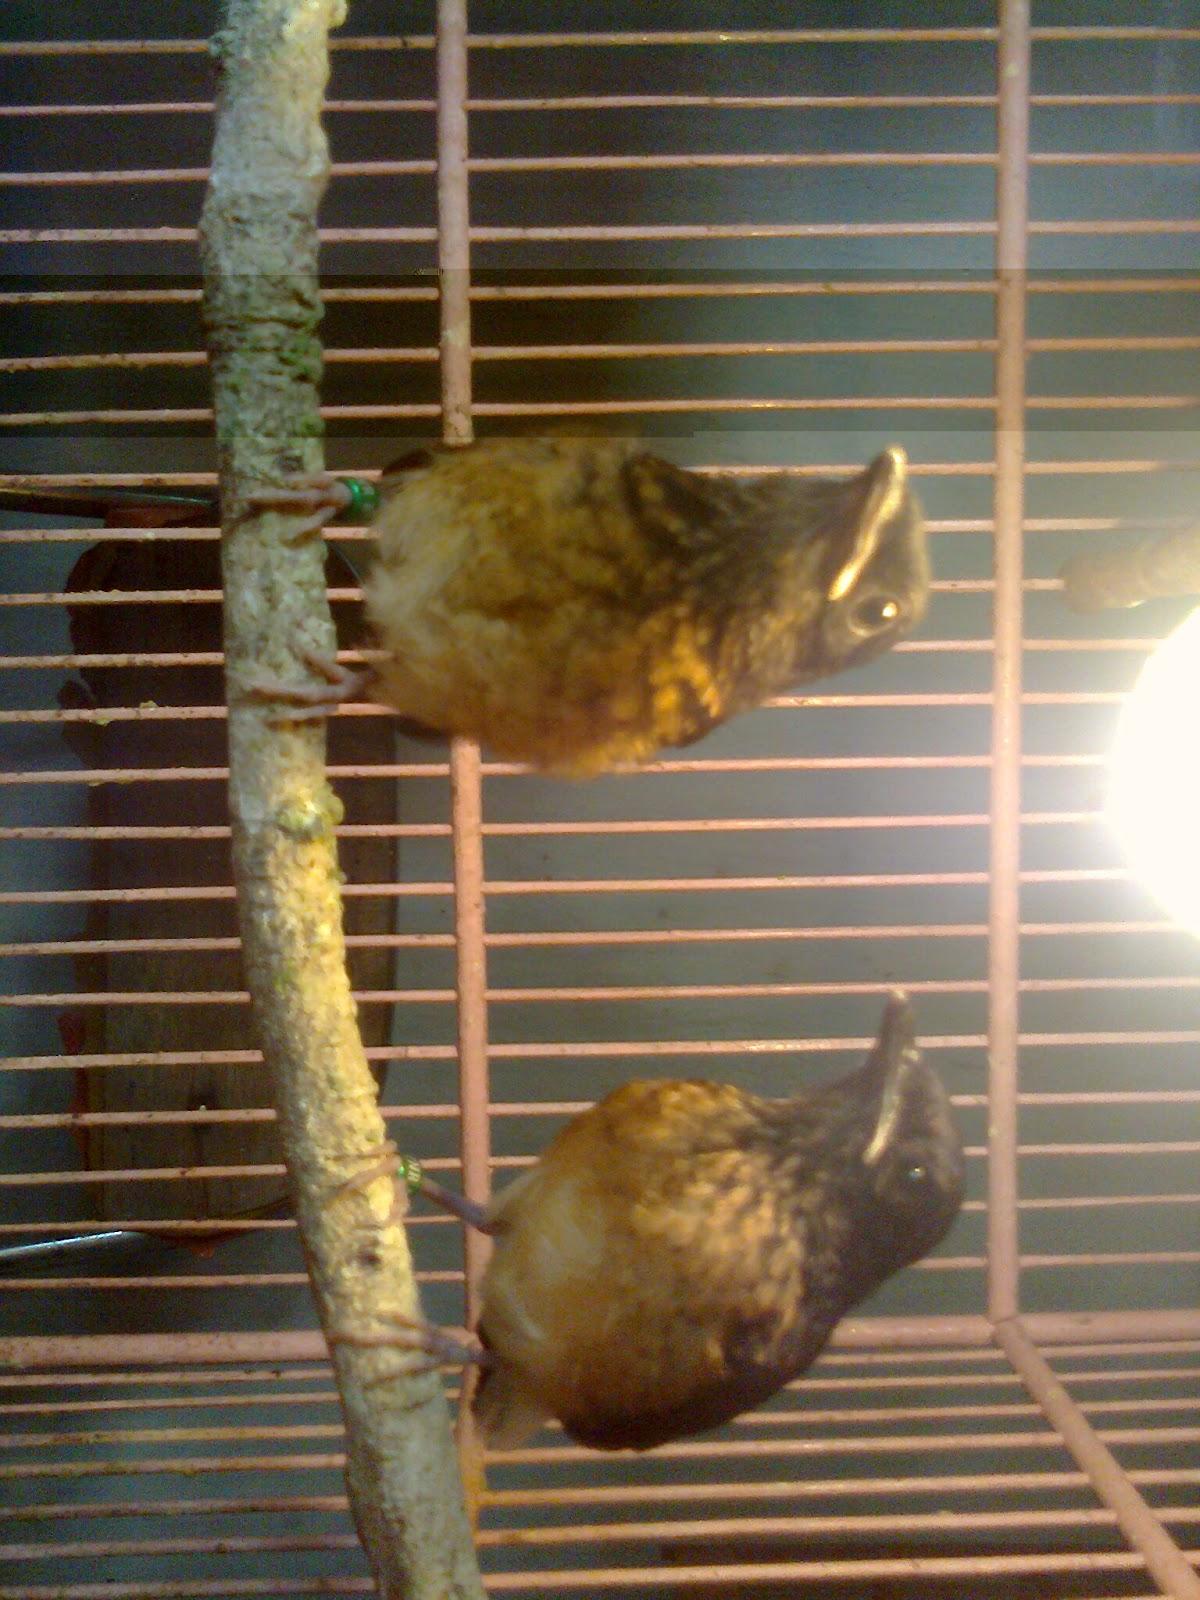 kami menyediakan burung murai batu medan anakan umur 1 bln makan